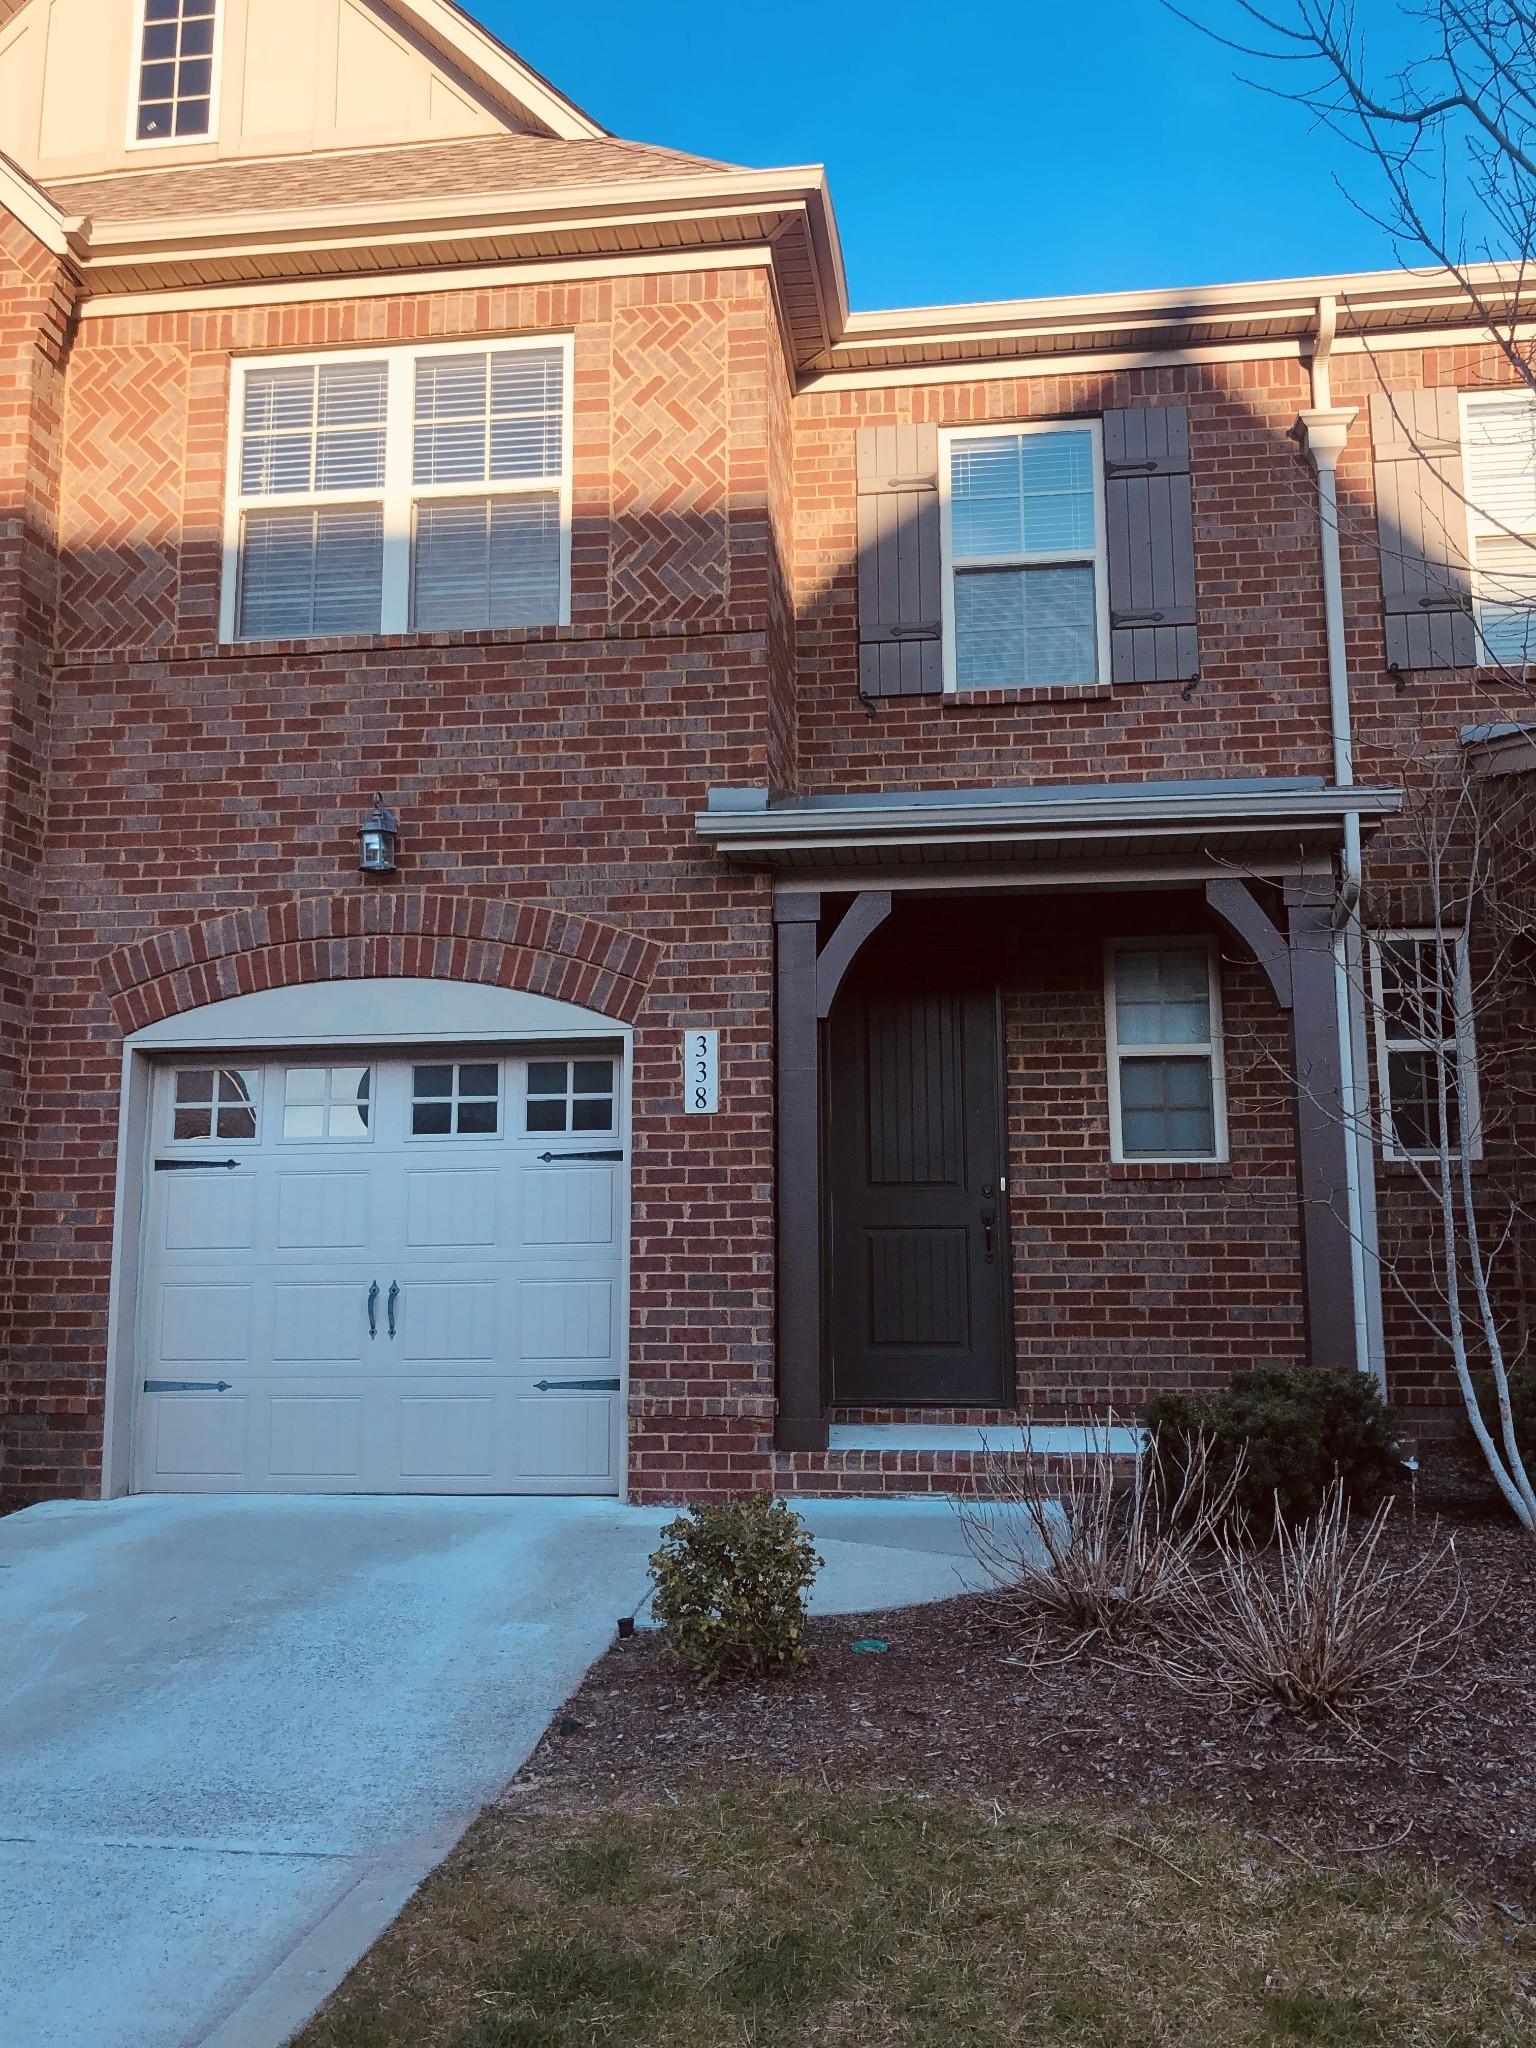 338 Coronado Private Cr Property Photo - Hendersonville, TN real estate listing